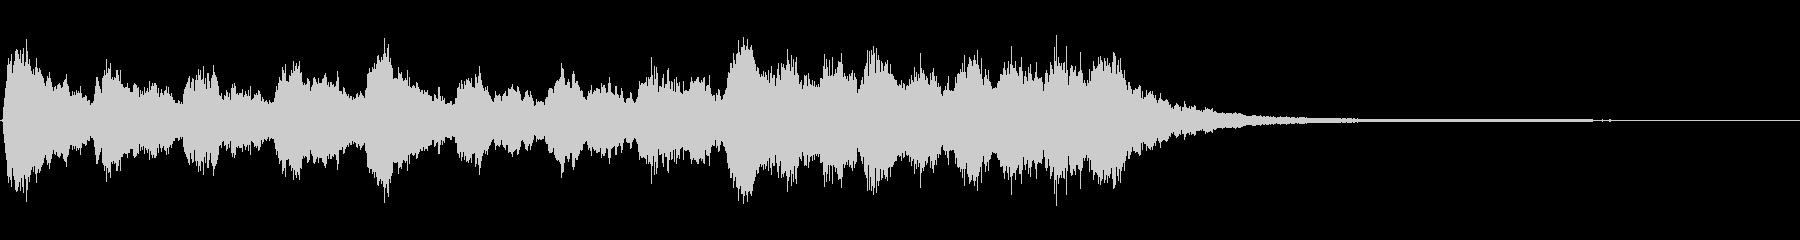 効果音A : 乗り物 発車 到着の未再生の波形